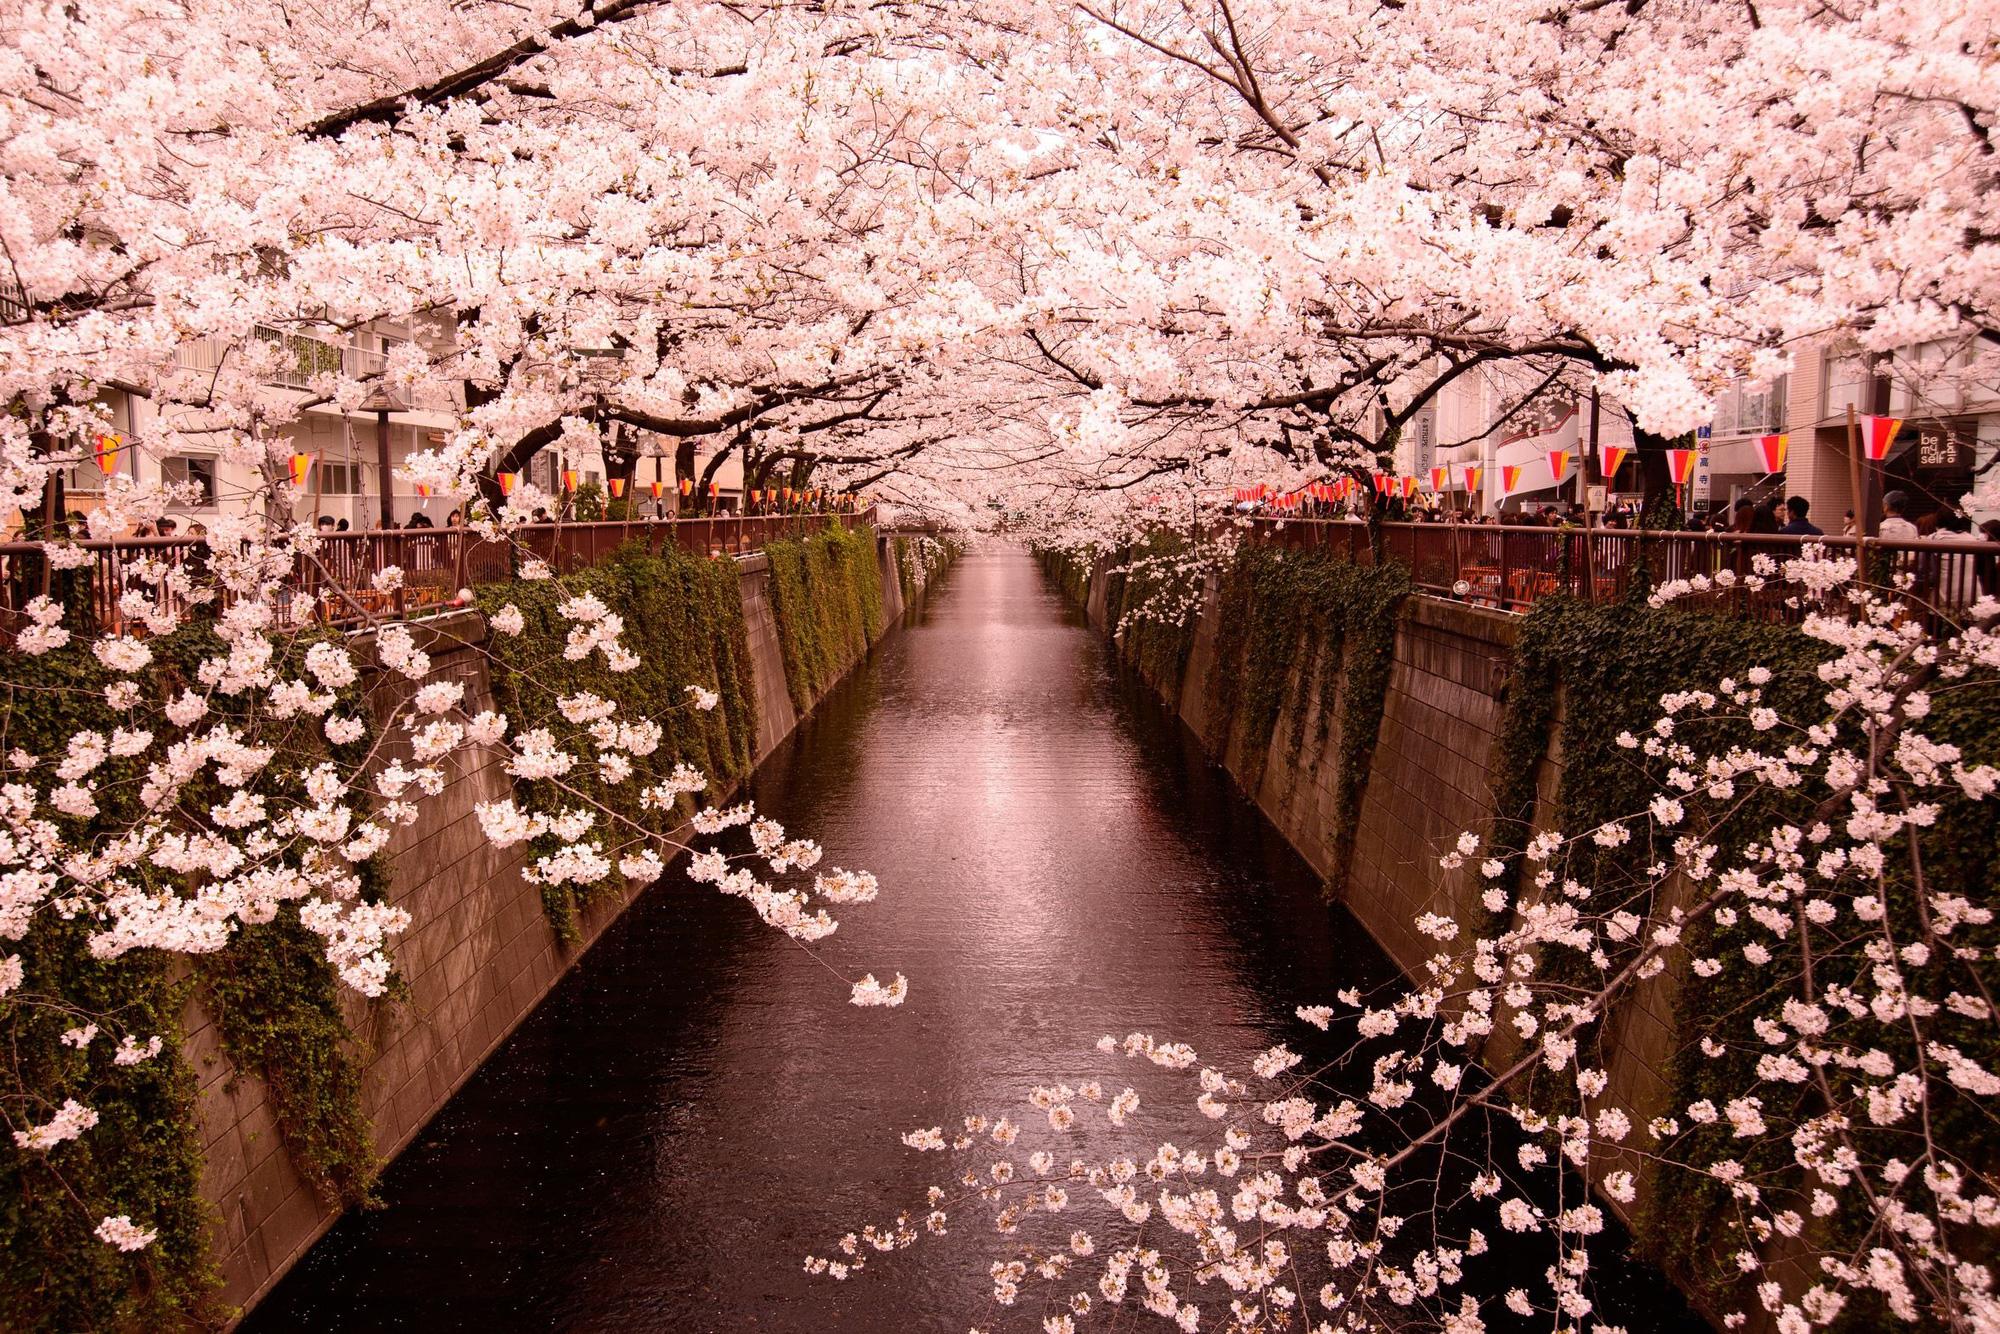 Những địa điểm đẹp để ngắm hoa anh đào tại châu Á 2020 - Ảnh 5.